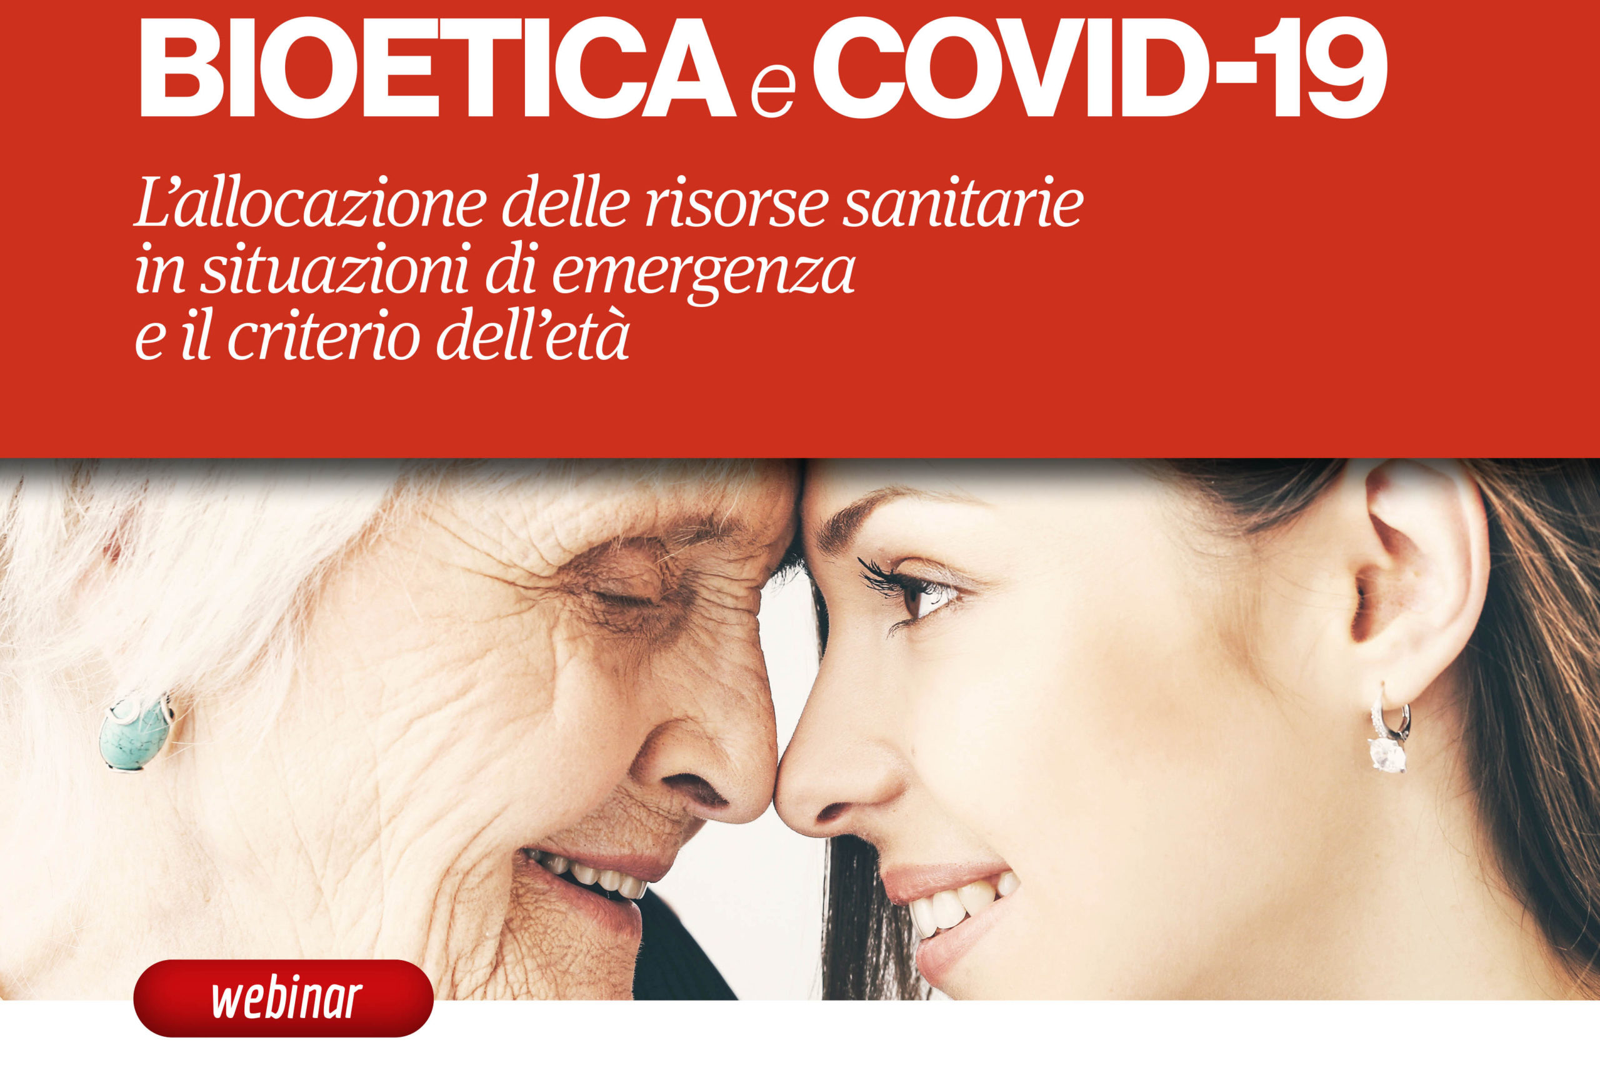 Bioetica e COVID - webinar Aging Project UPO